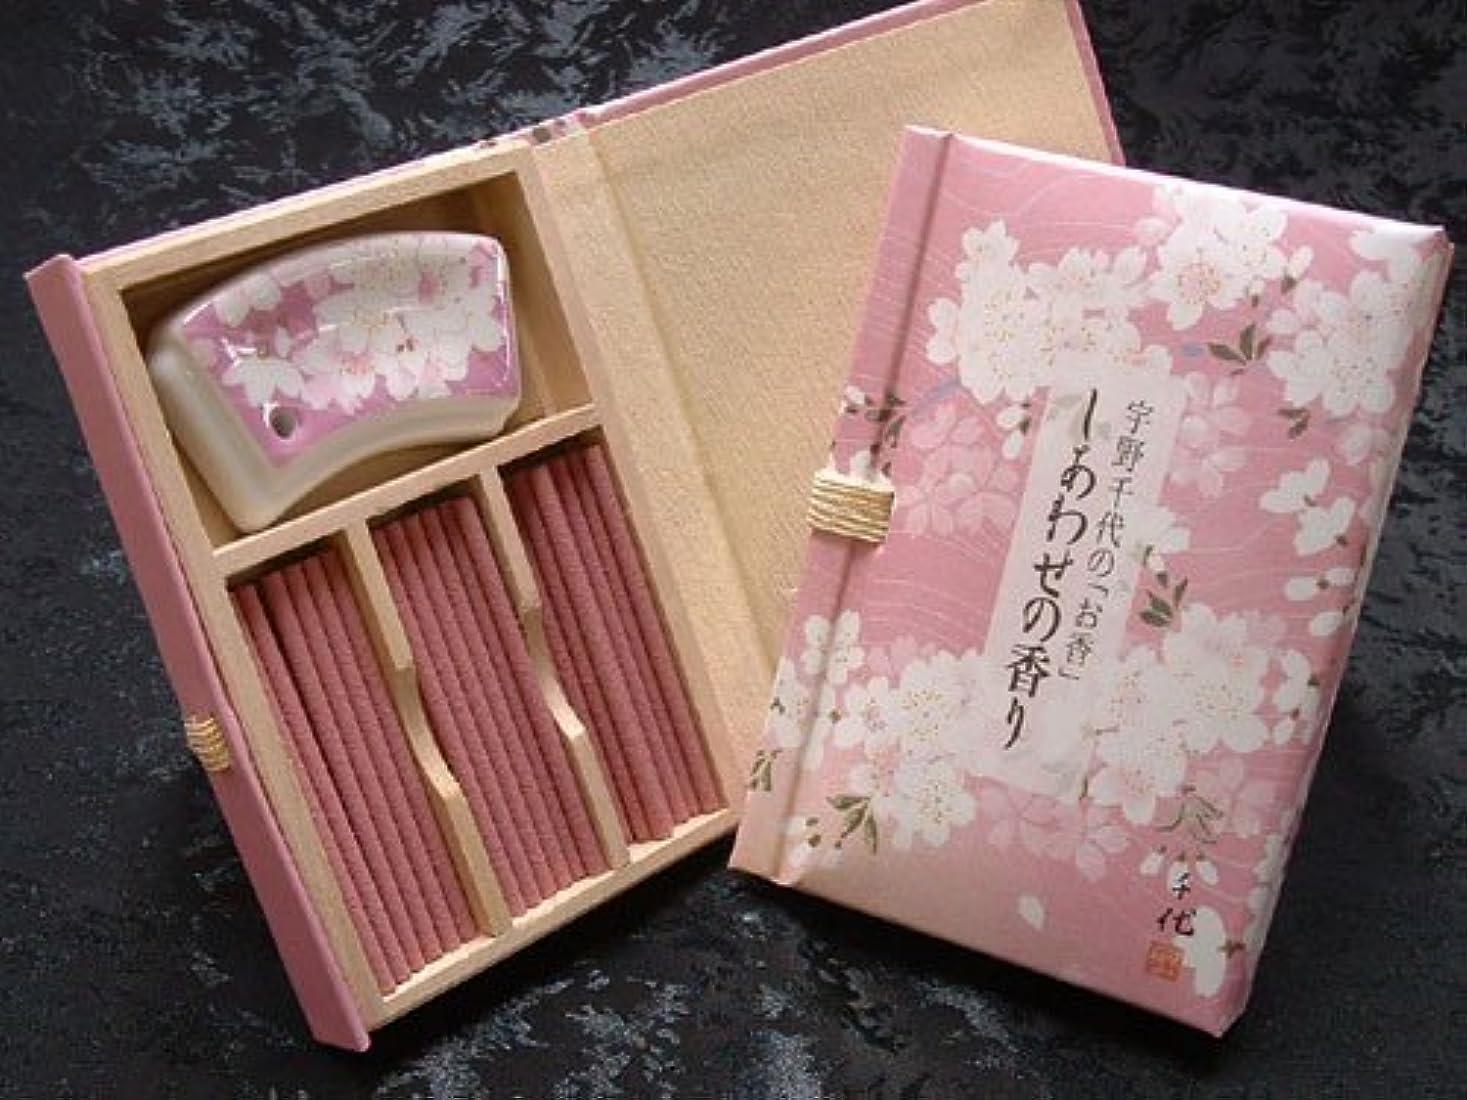 後者セッション広く日本香堂のお香 宇野千代 しあわせの香り 文庫型 スティック36本入り